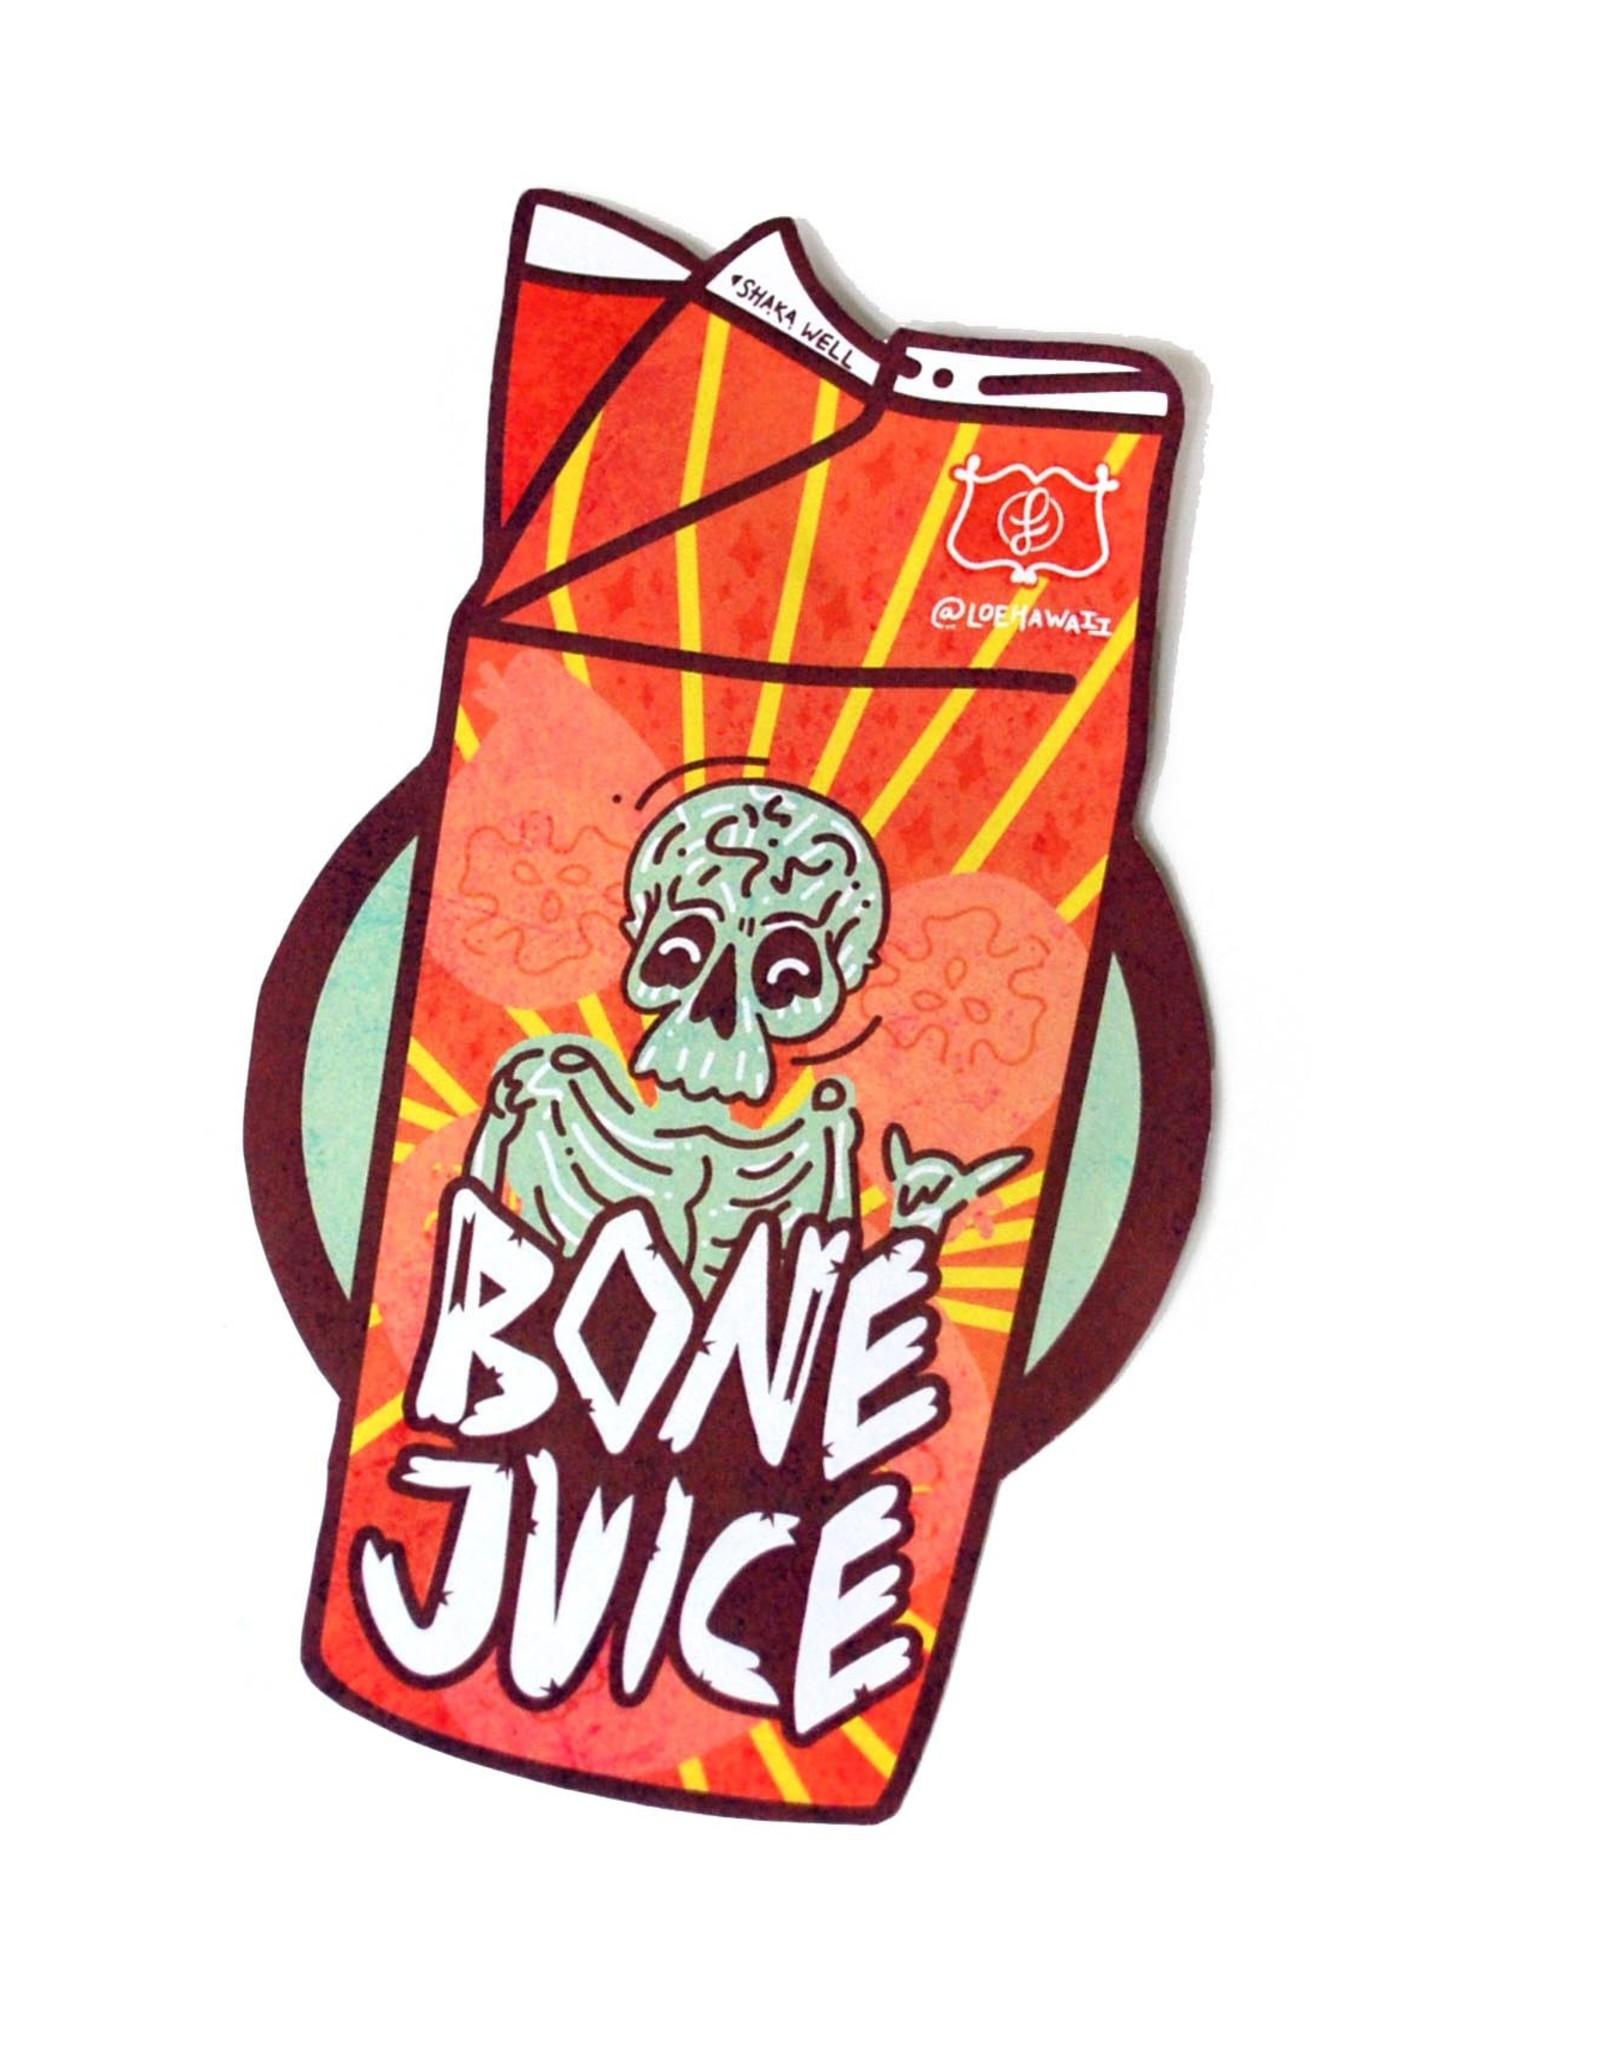 """""""Bone Juice Carton"""" sticker by LOEHAWAII"""